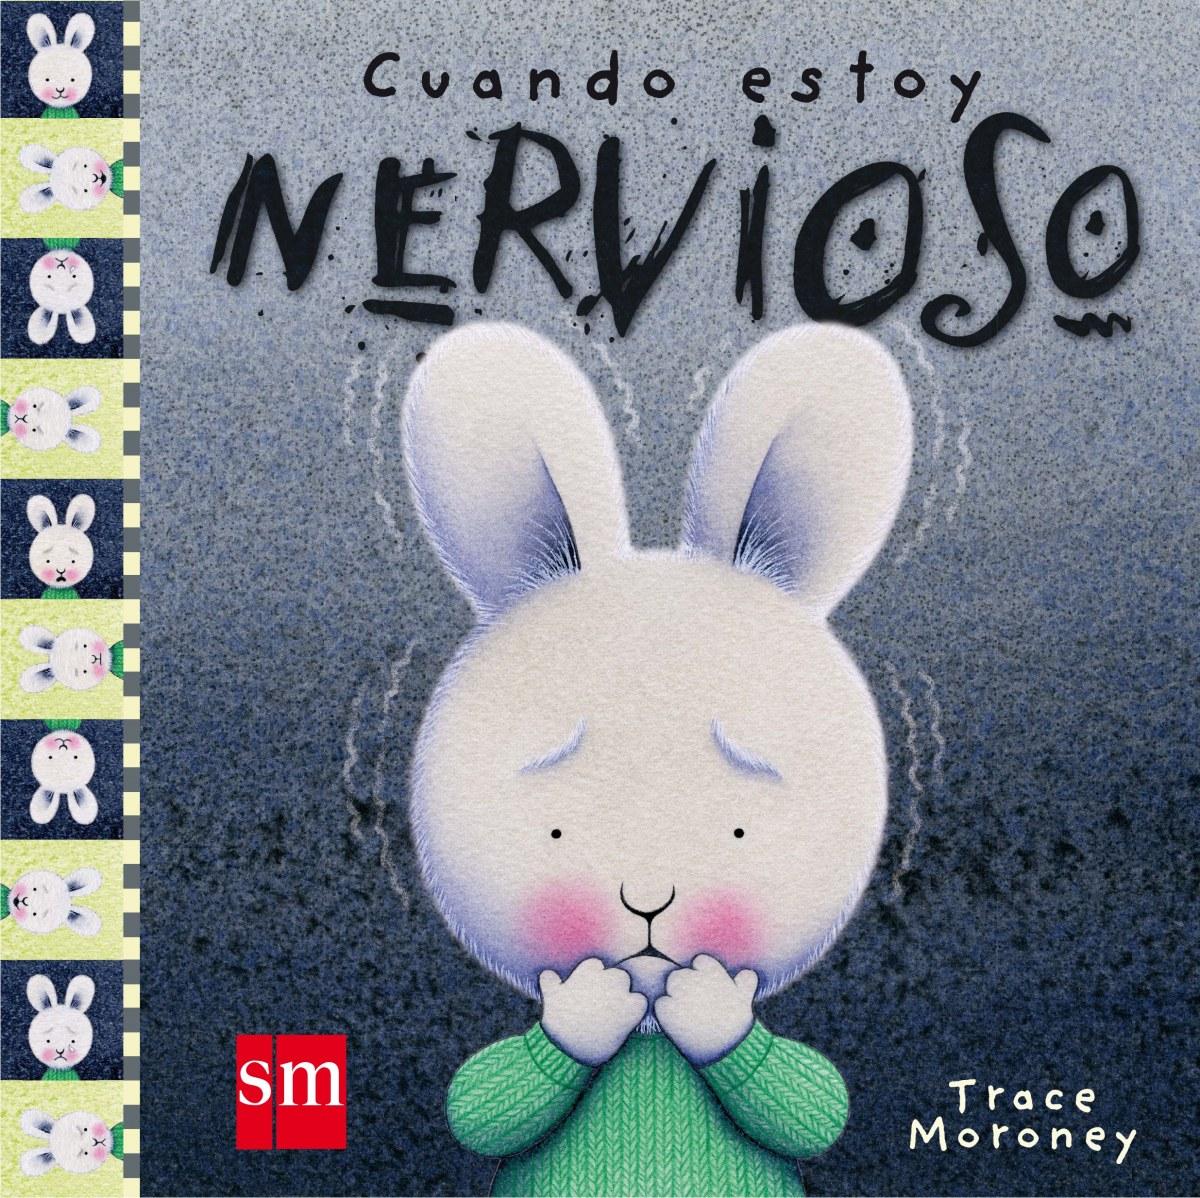 CUANDO ESTOY NERVIOSO 9788491072652